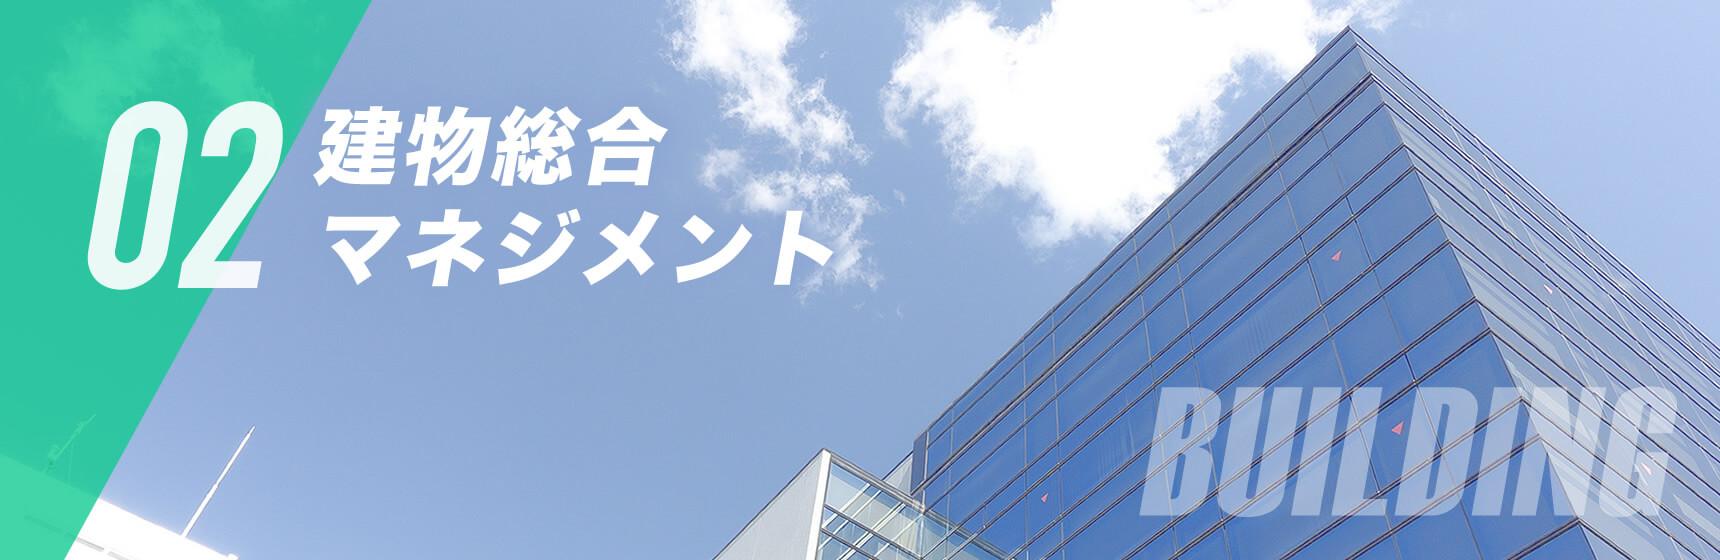 建物総合マネジメント